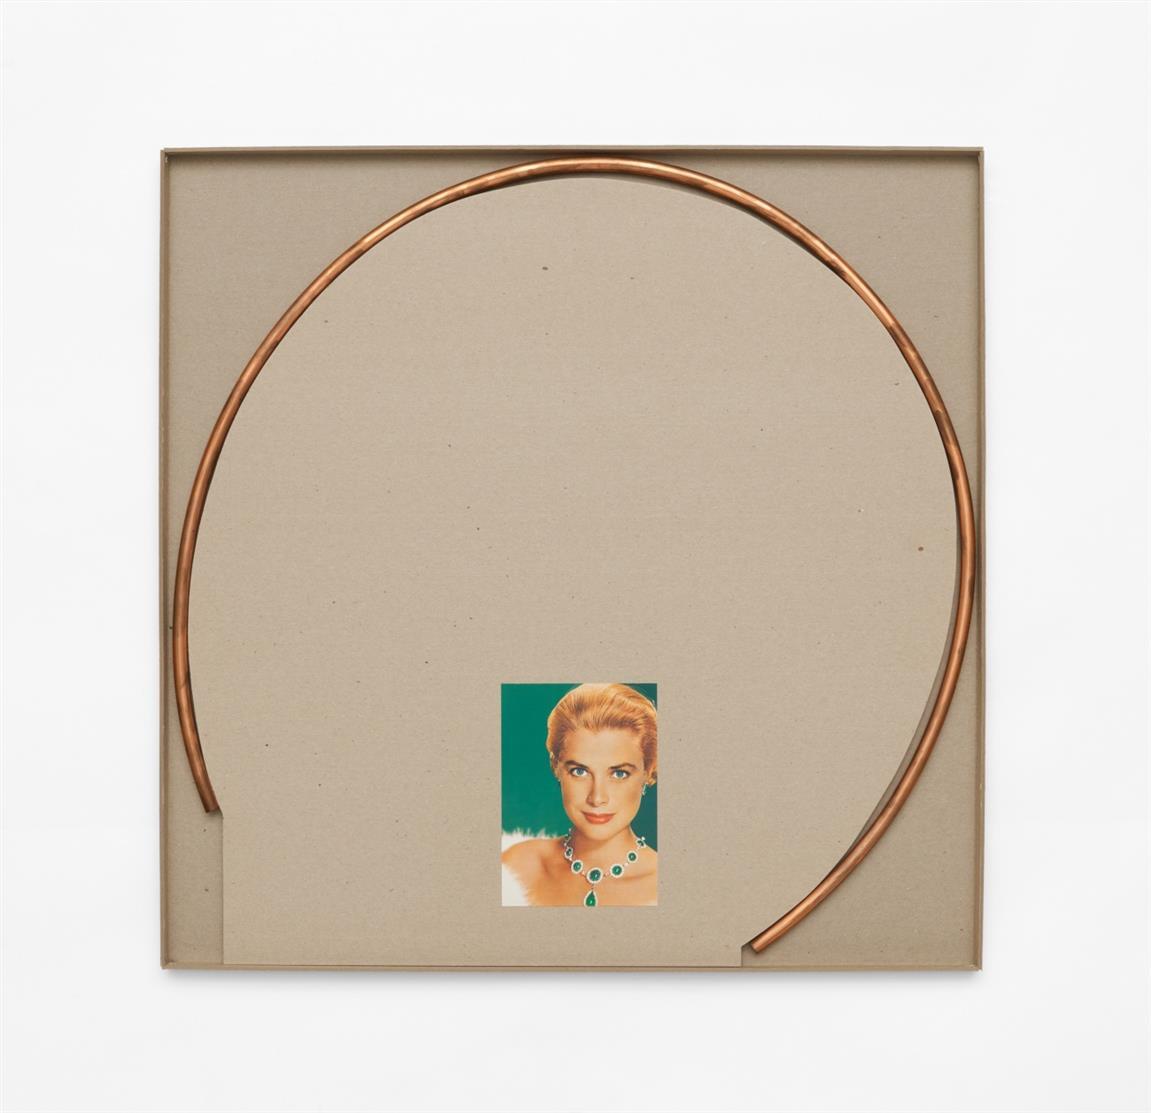 Imi Knoebel. Grace Kelly. 1994. Multiple. Zweiteiliges Wandobjekt. Gebogenes Kupferrohr, 3 Farboffset-Postkarten, Anleitung für Montage, in OrKartonage. Postkarte signiert. Ex. 32/52.